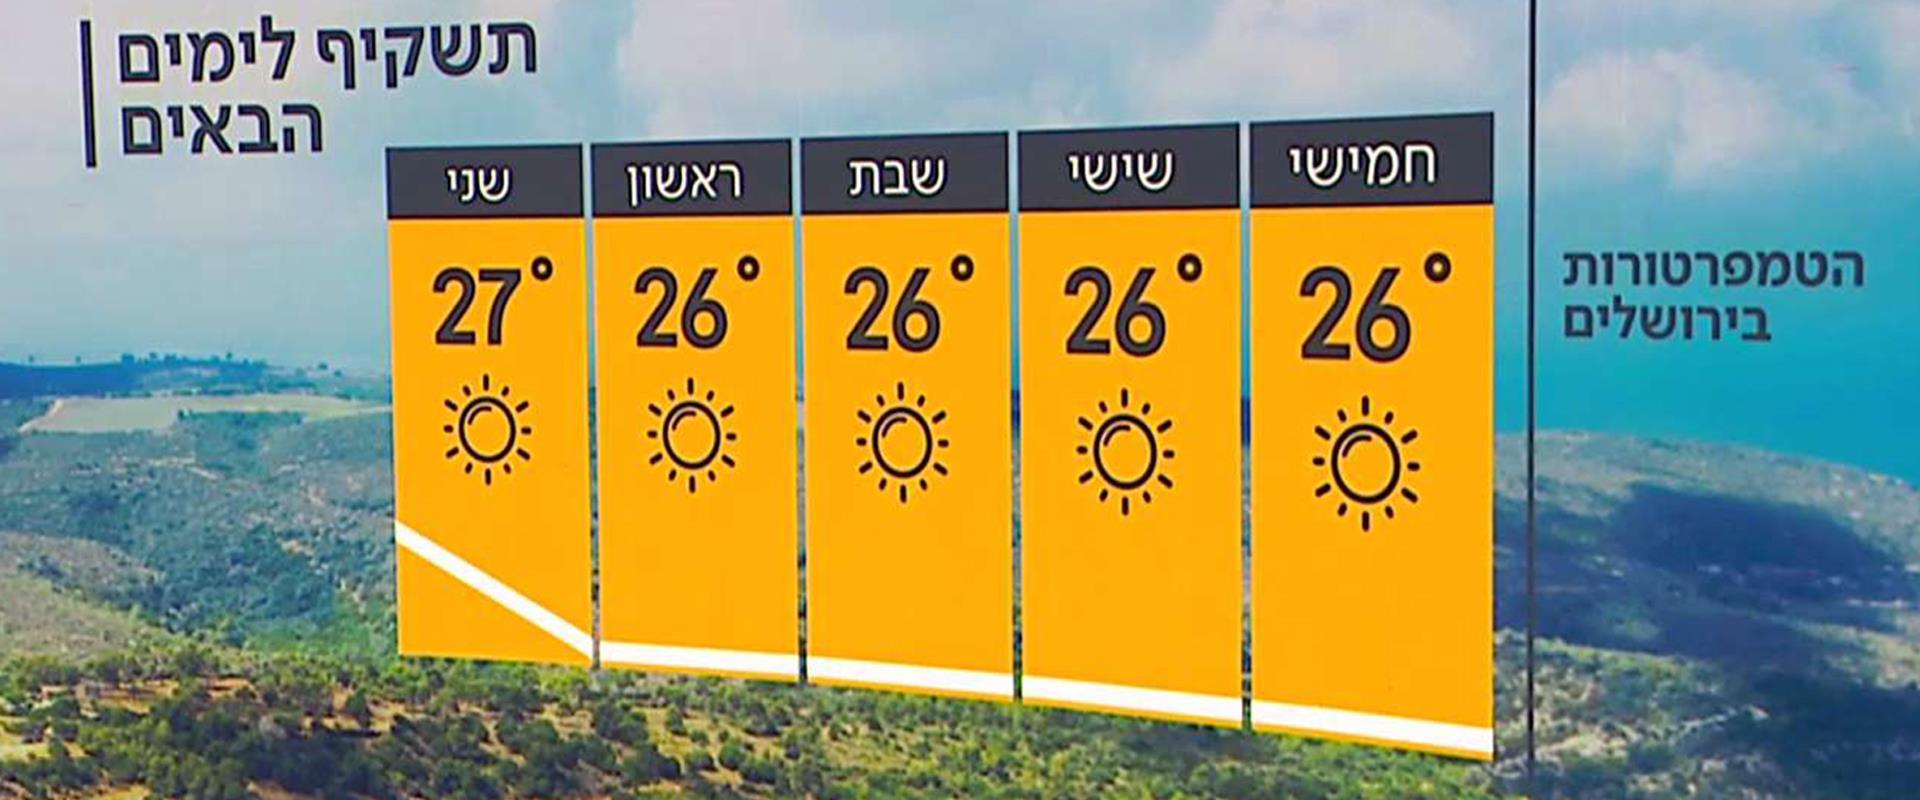 התחזית 02.06.21: טמפרטורות נמוכות מהרגיל לעונה